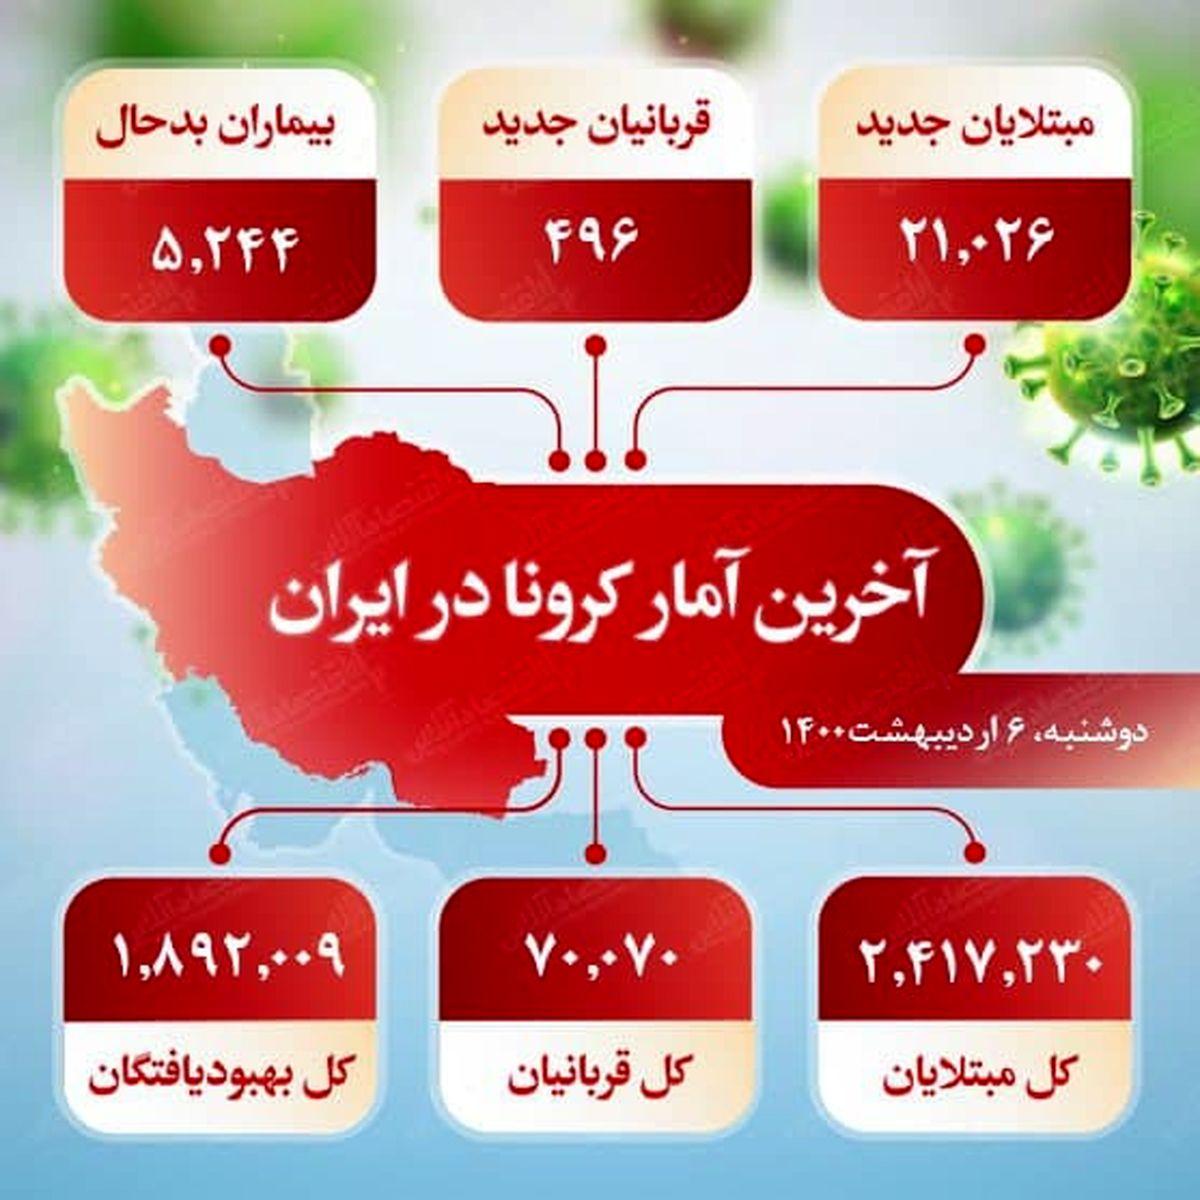 آخرین آمار کرونا در ایران (۱۴۰۰/۲/۶)